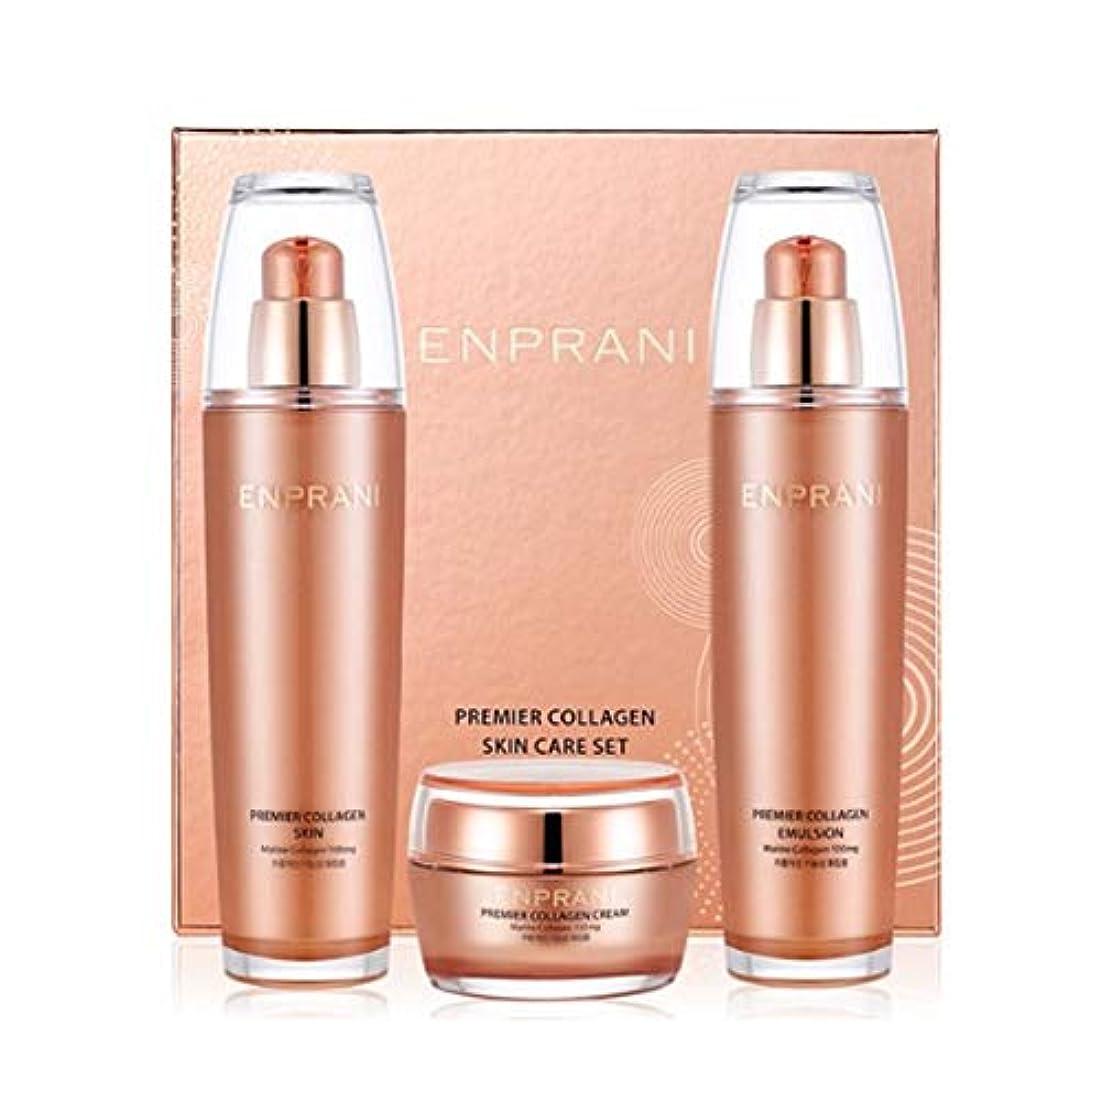 の面では積分肺エンプラニ?プレミアコラーゲンセット(スキン125ml、エマルジョン125ml、クリーム50ml)、Enprani Premier Collagen Set (Skin、Emulsion、Cream) [並行輸入品]